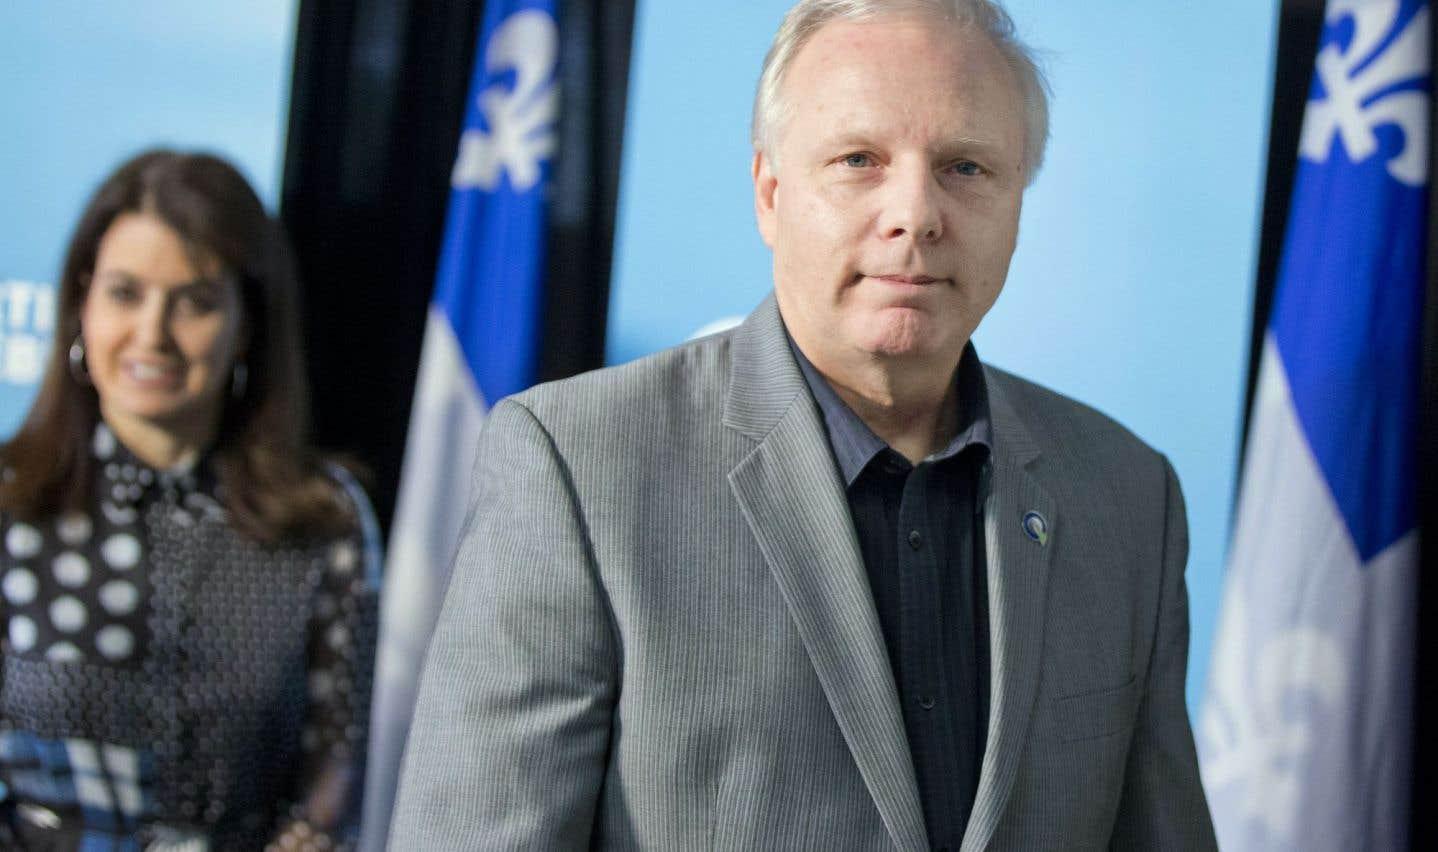 Le PQ laisse le champ libre à Québec solidaire dans Gouin